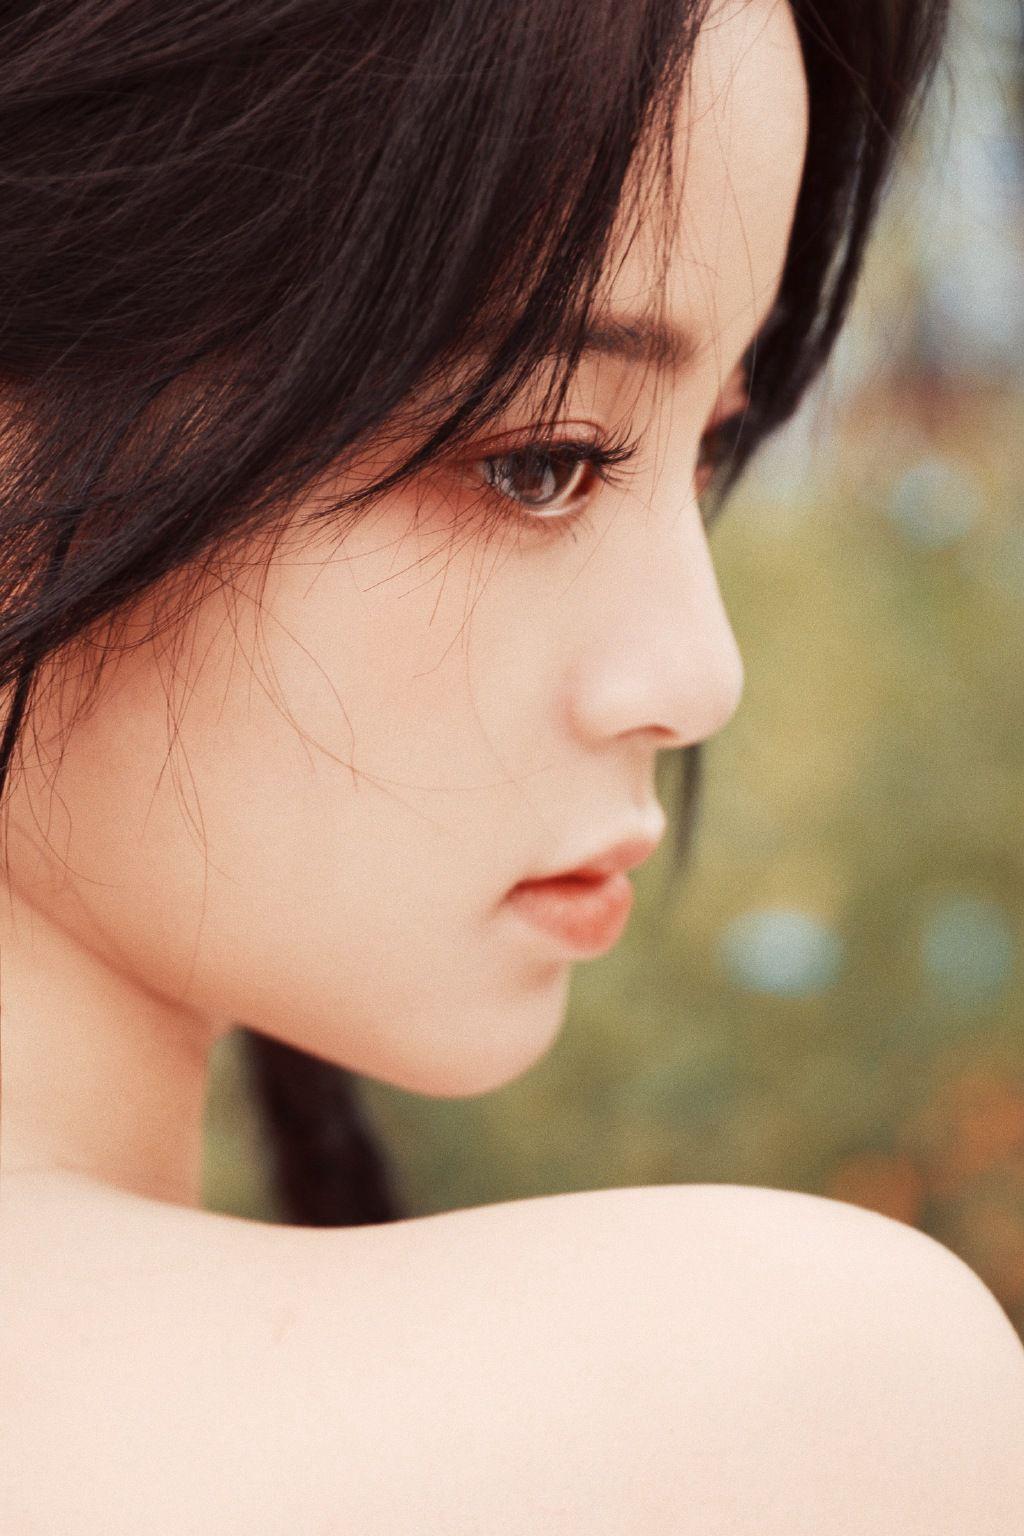 欧阳娜娜甜美清新抹胸印花裙街拍写真图片套图1